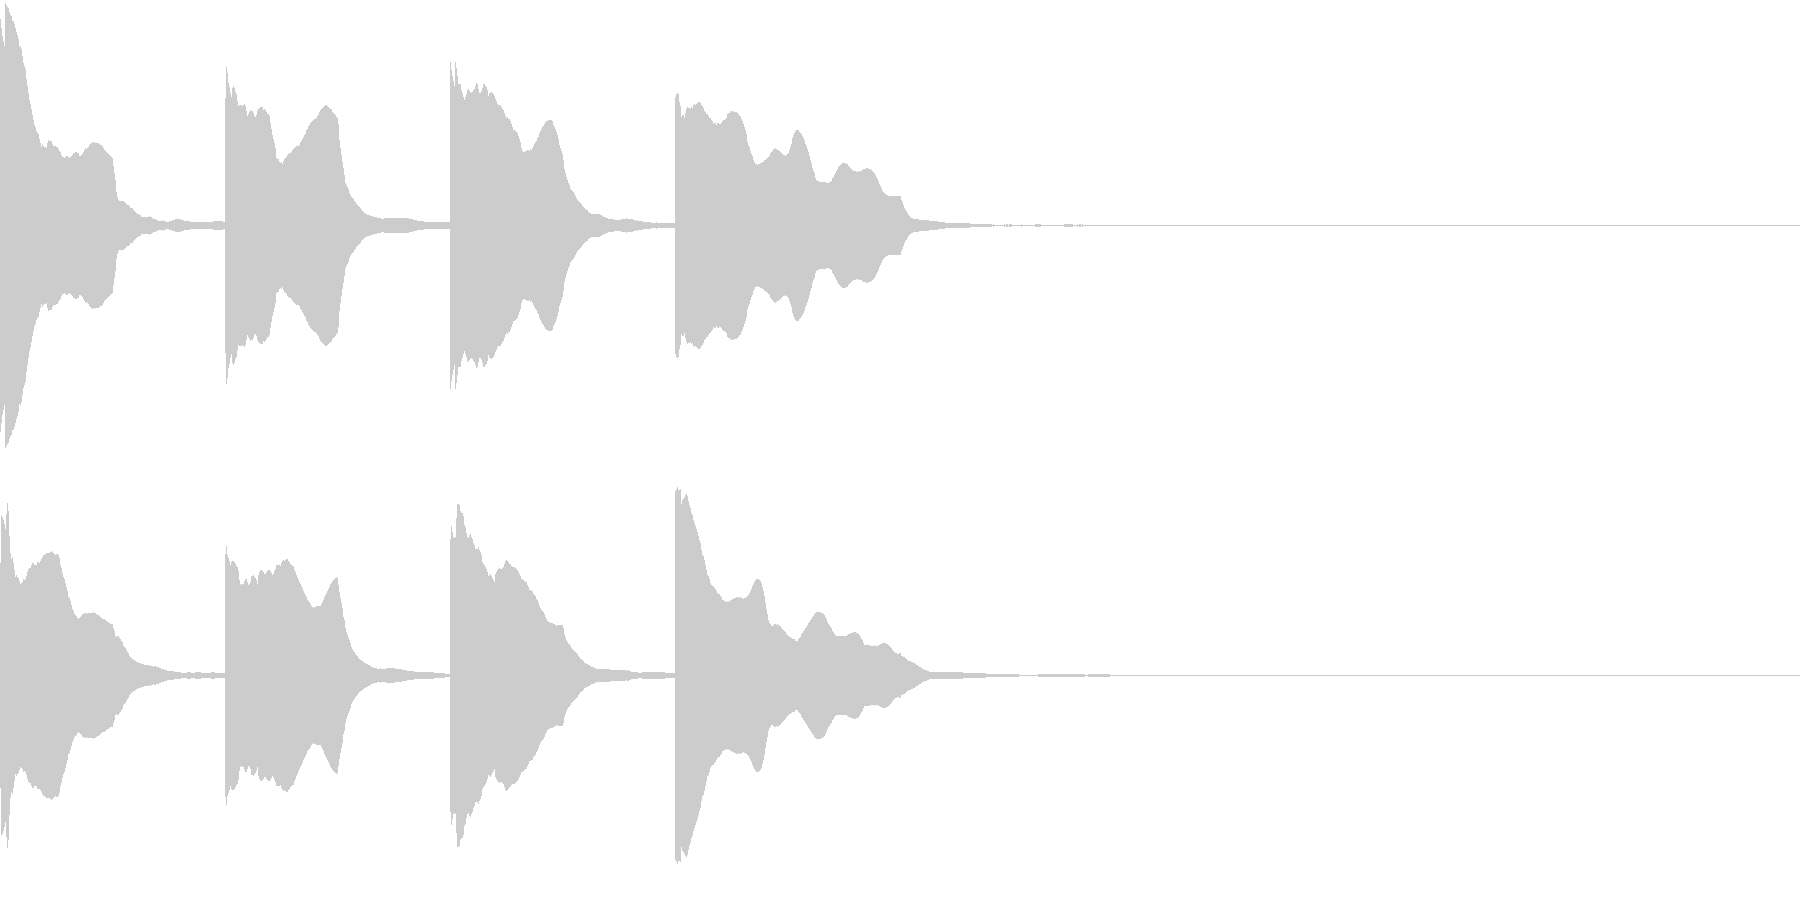 レーススタート合図6 カウントダウンの未再生の波形